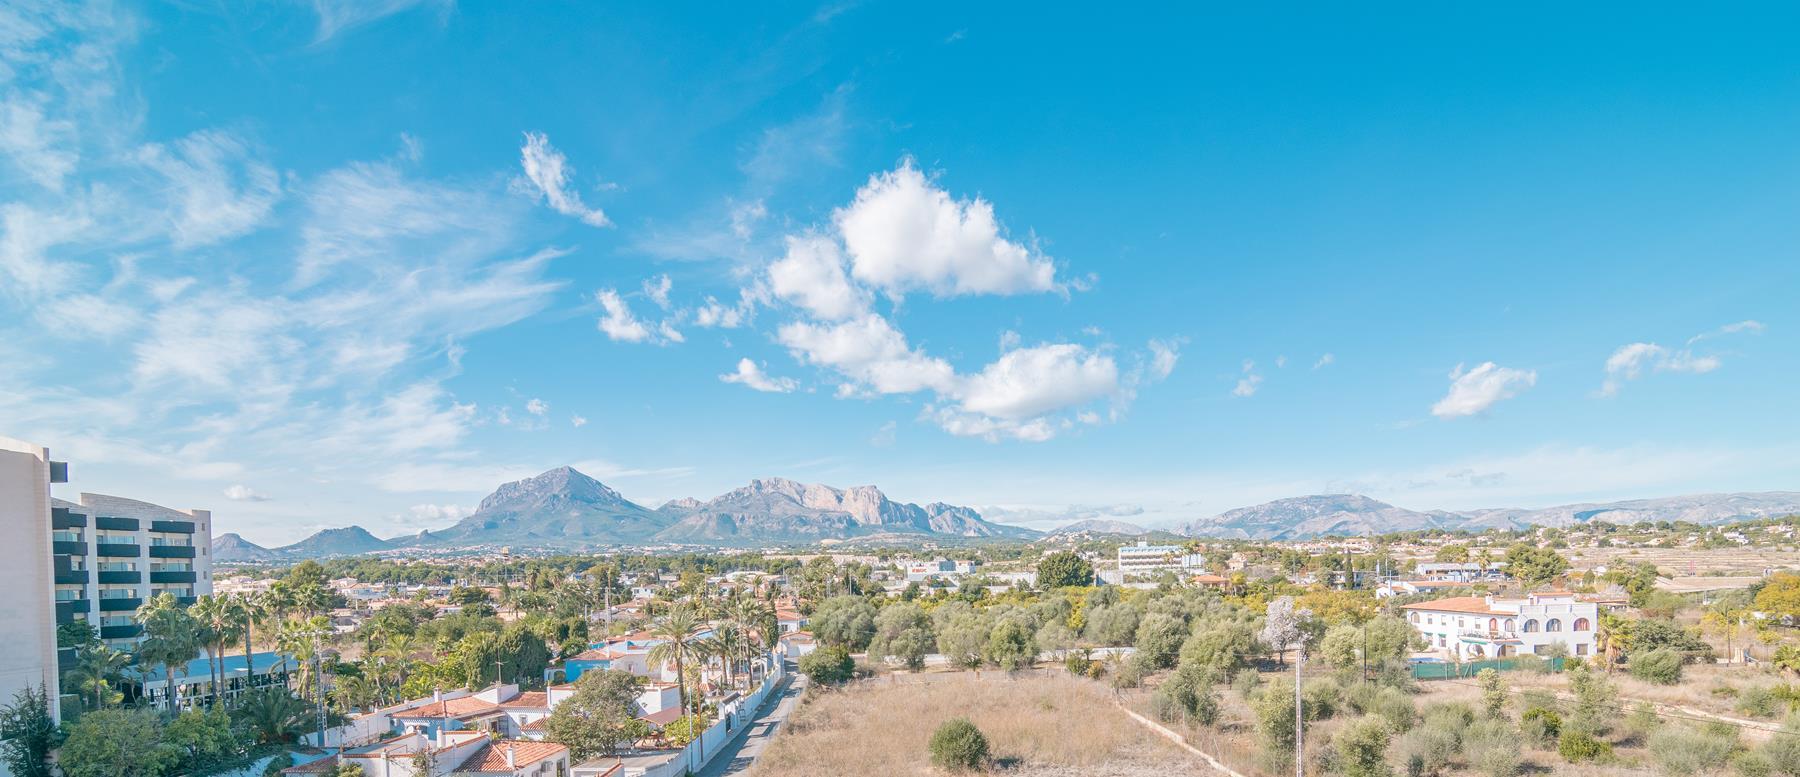 Atico en venta en Albir con vistas panoramicas